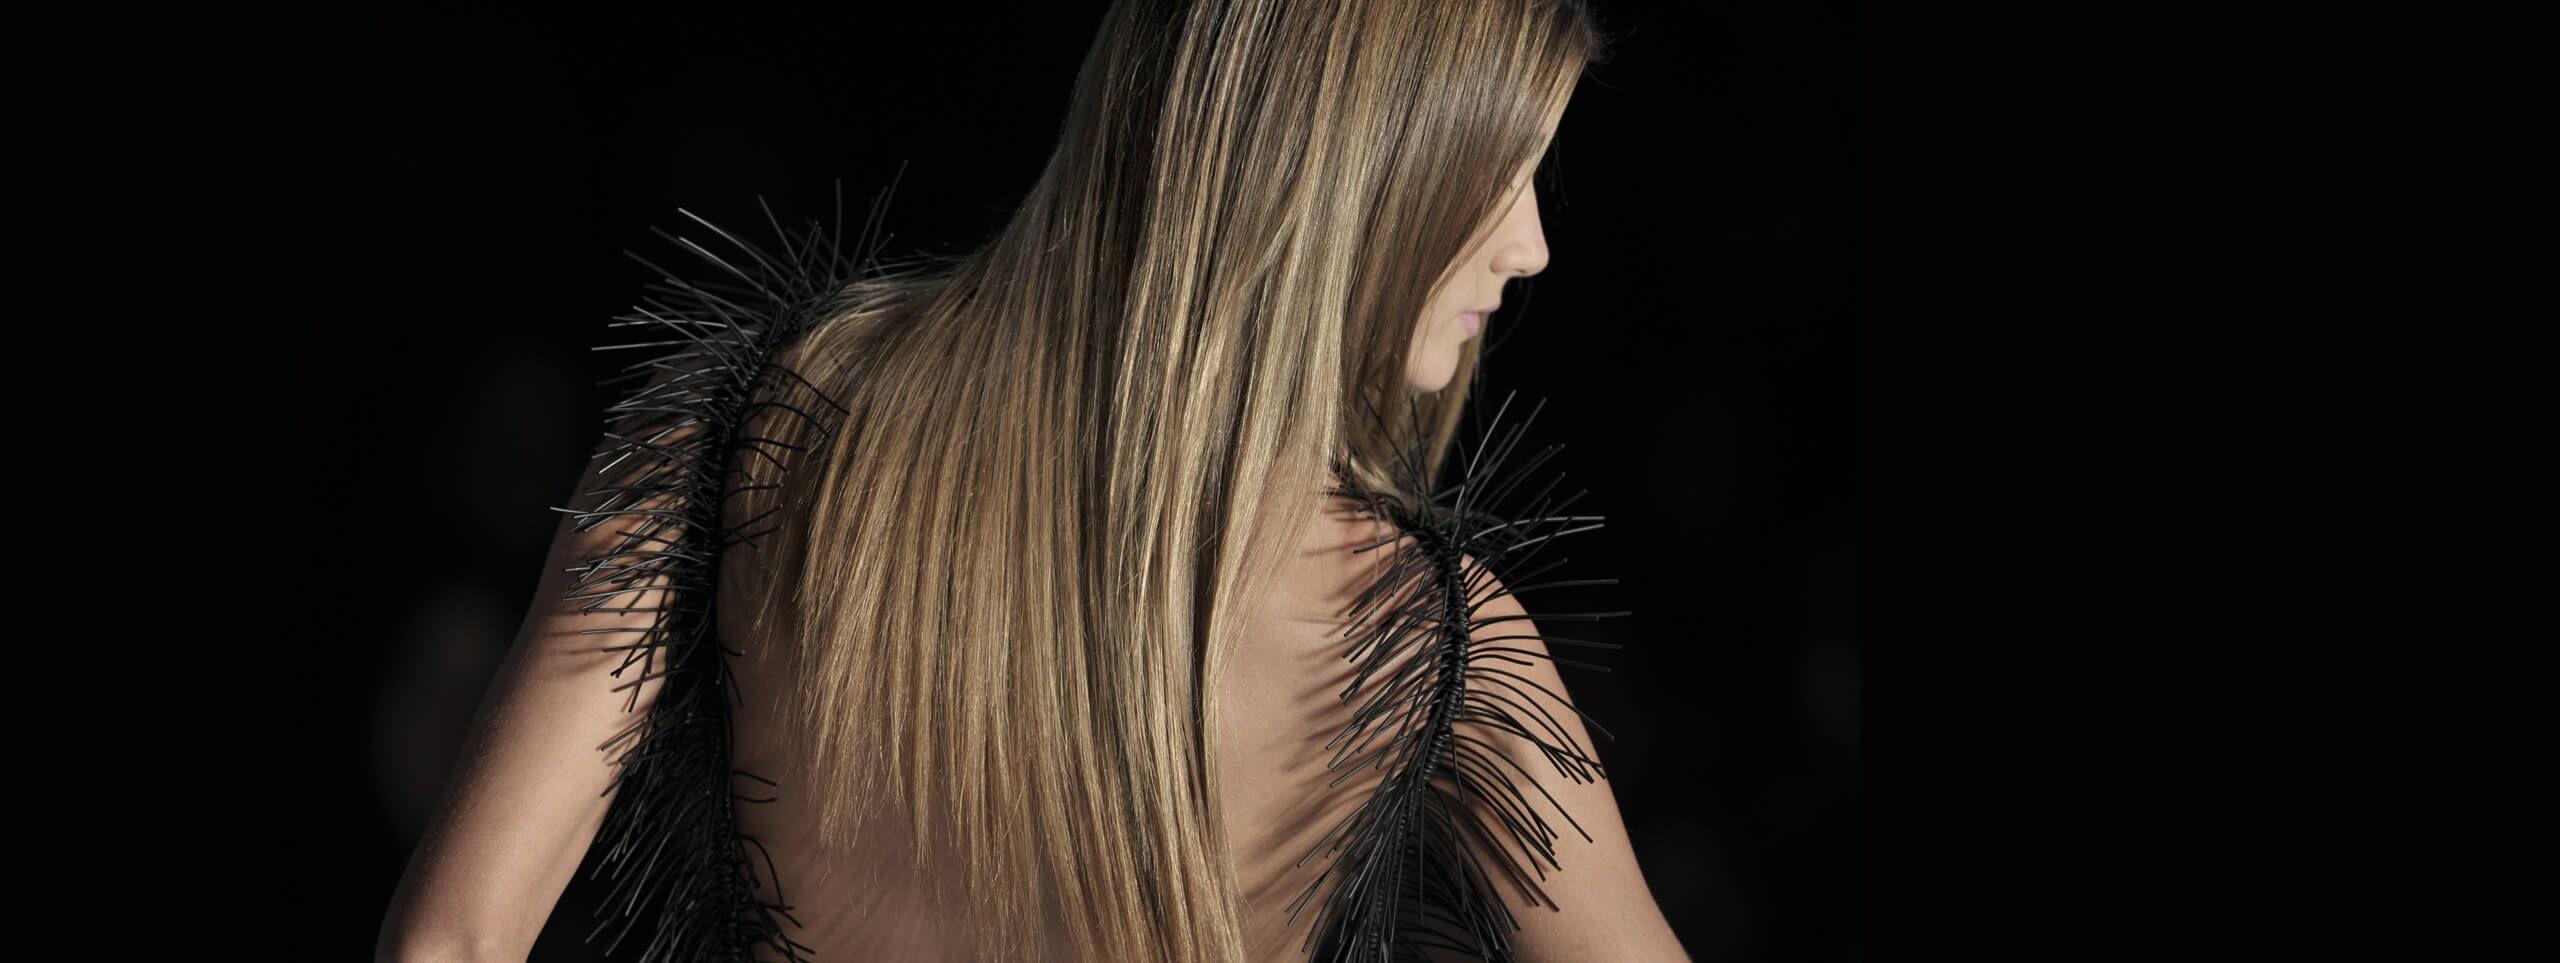 Modelka z długimi rozpuszczonymi włosami stojąca tyłem